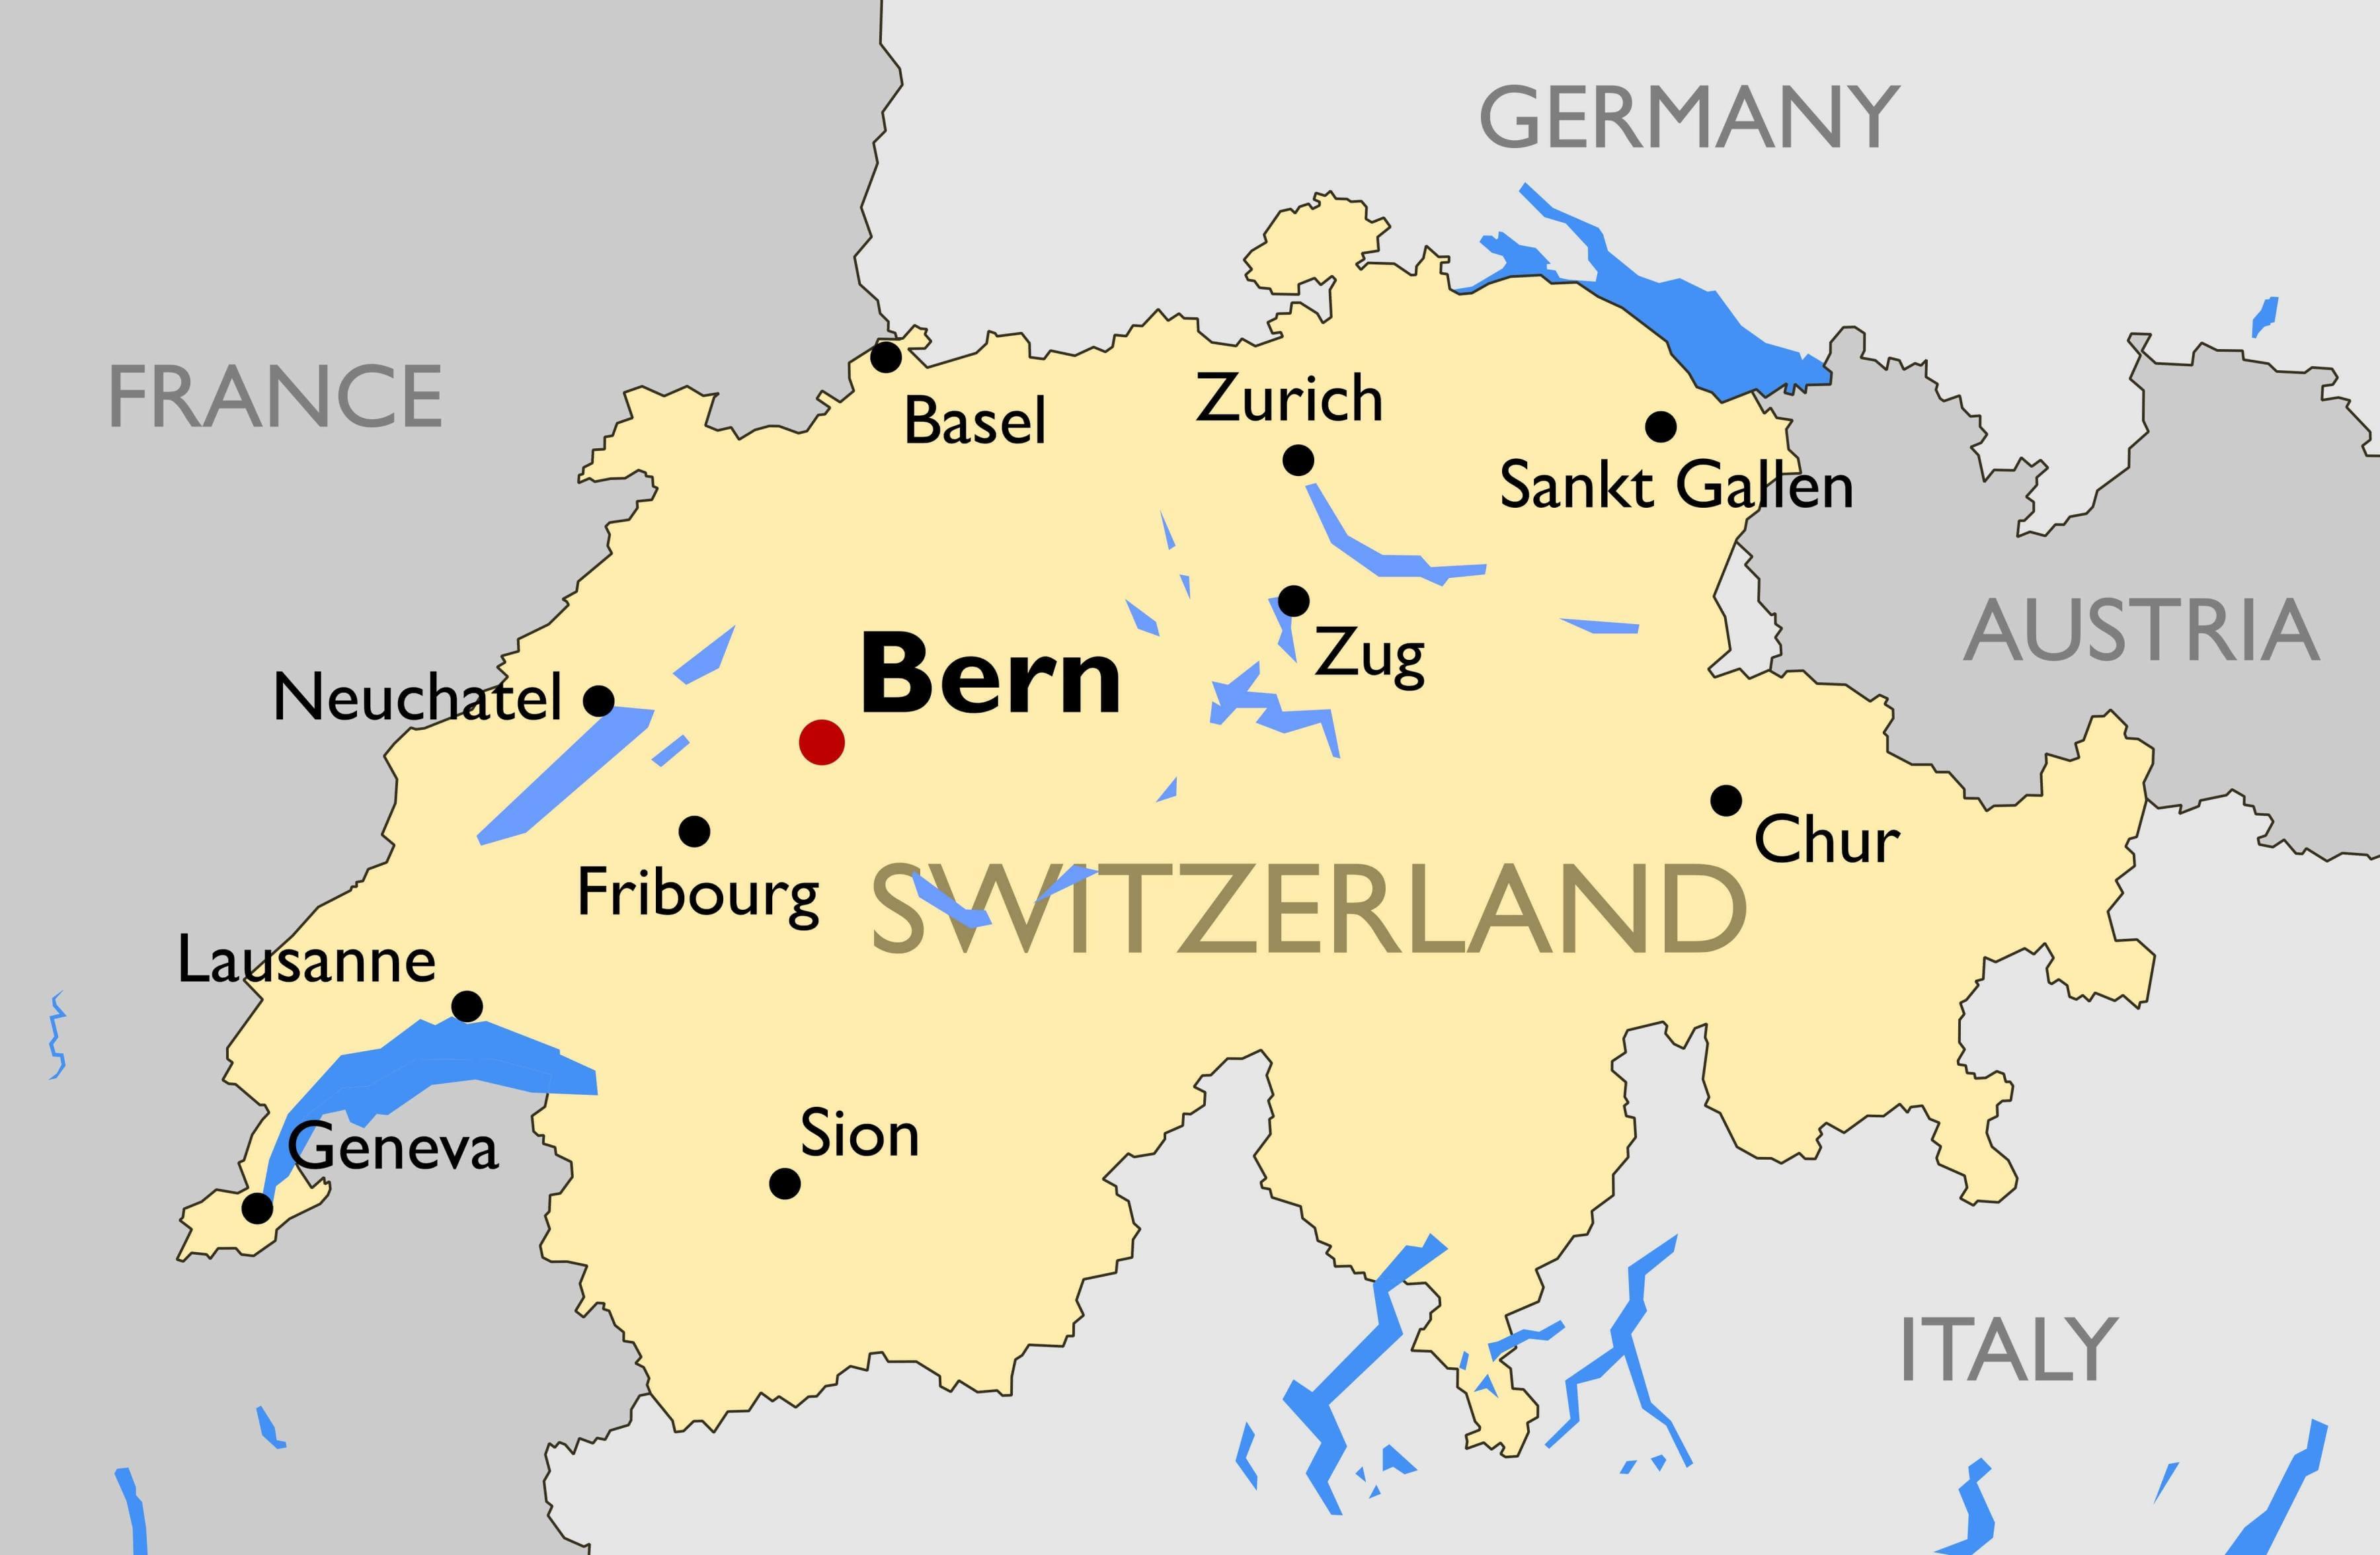 Karte Von Europa Mit Städten.Schweiz Städte Karte Karte Der Schweiz Mit Den Wichtigsten Städten